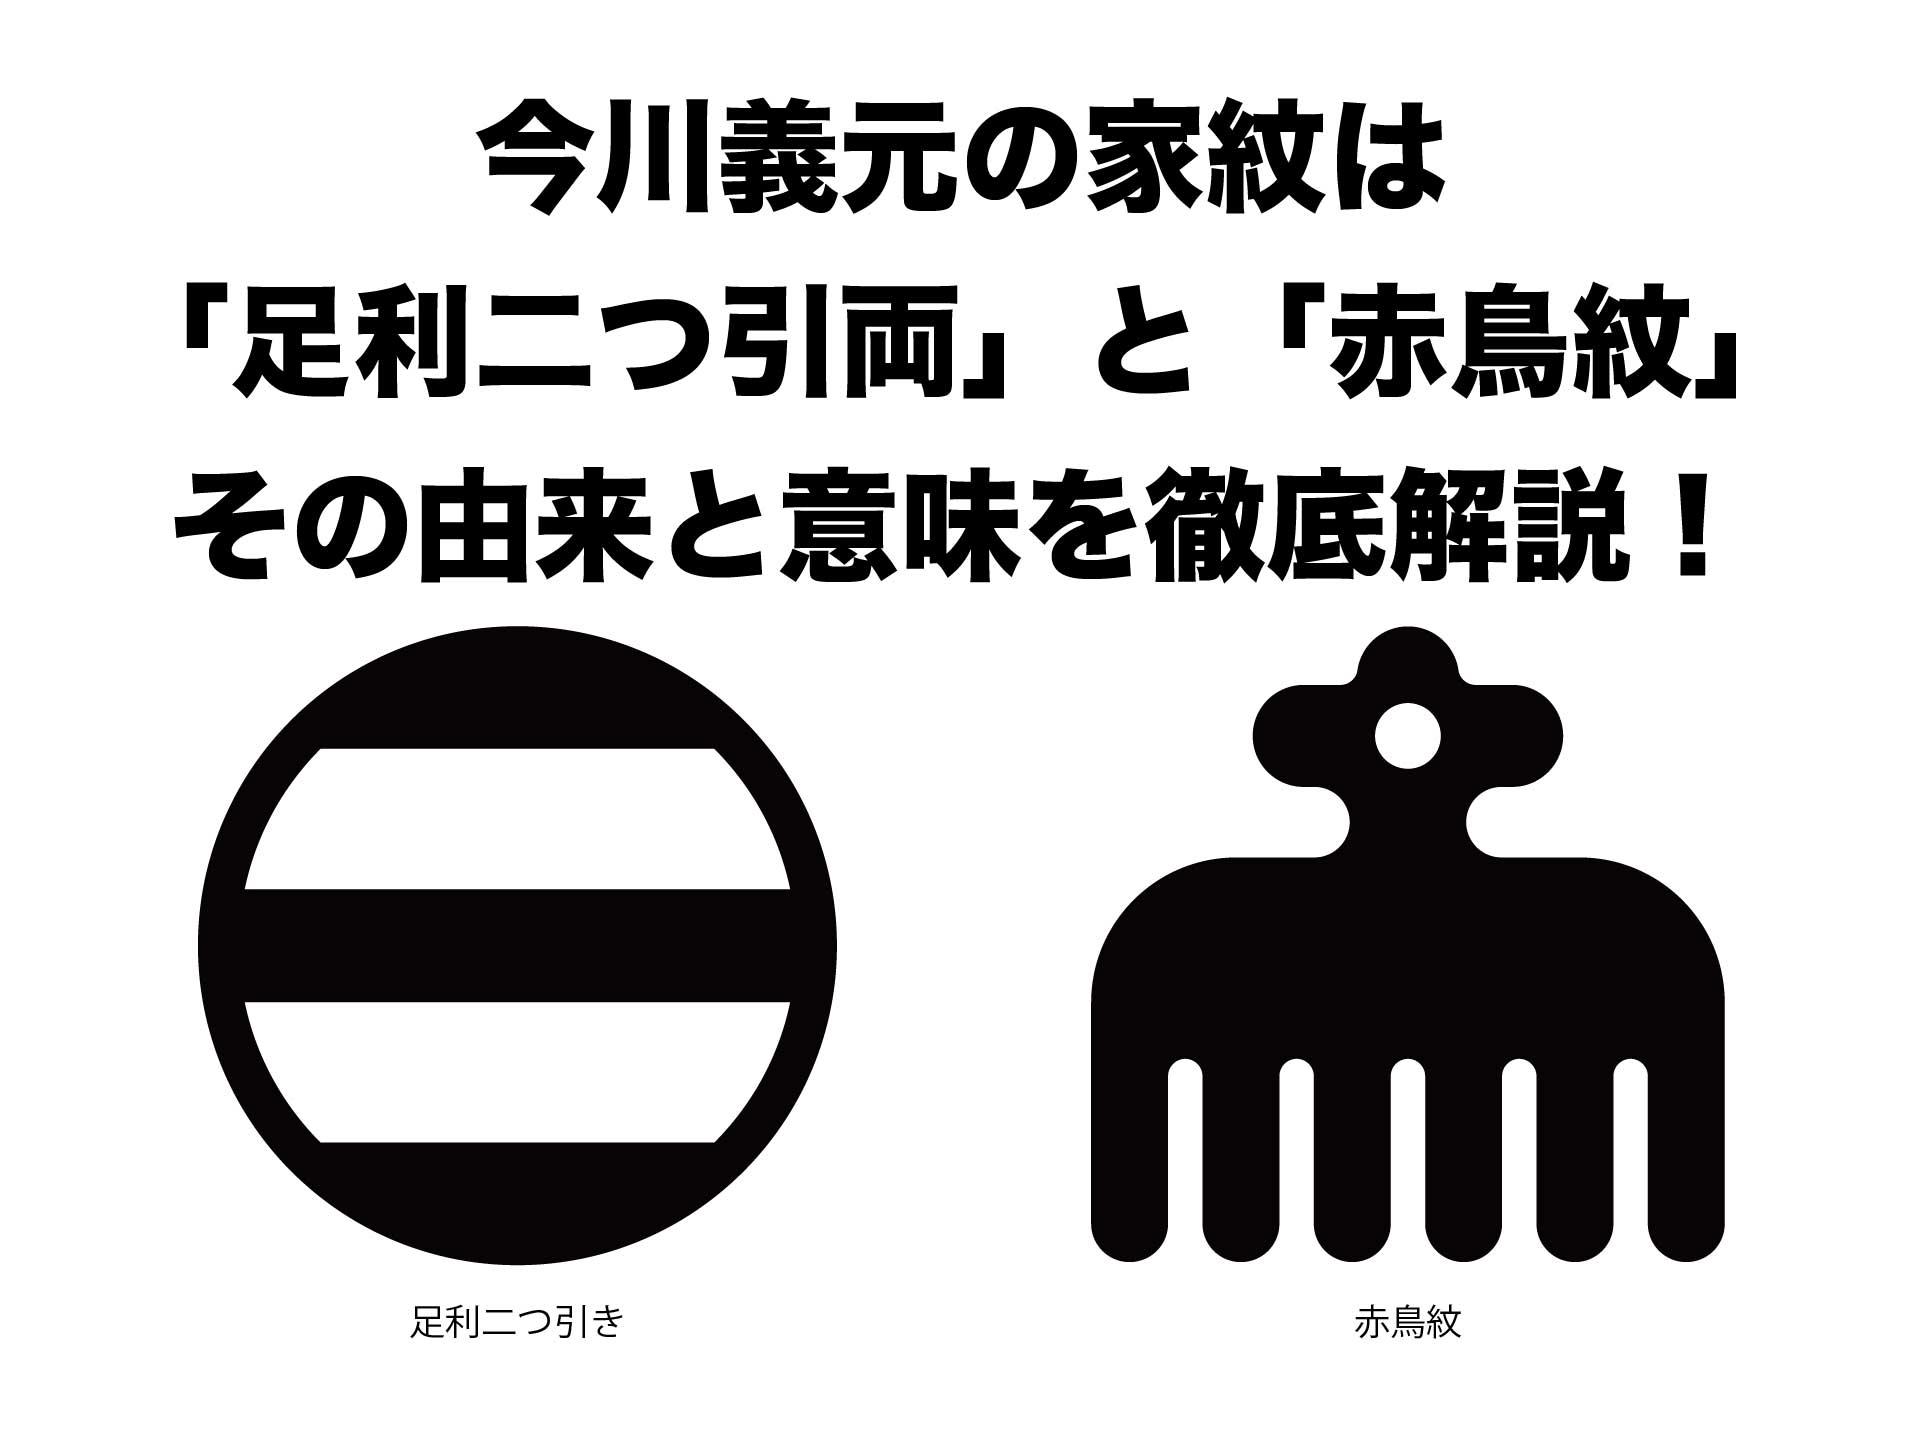 今川義元の家紋は二つ「足利二つ引両」と「赤鳥紋」その意味と由来を徹底解説!